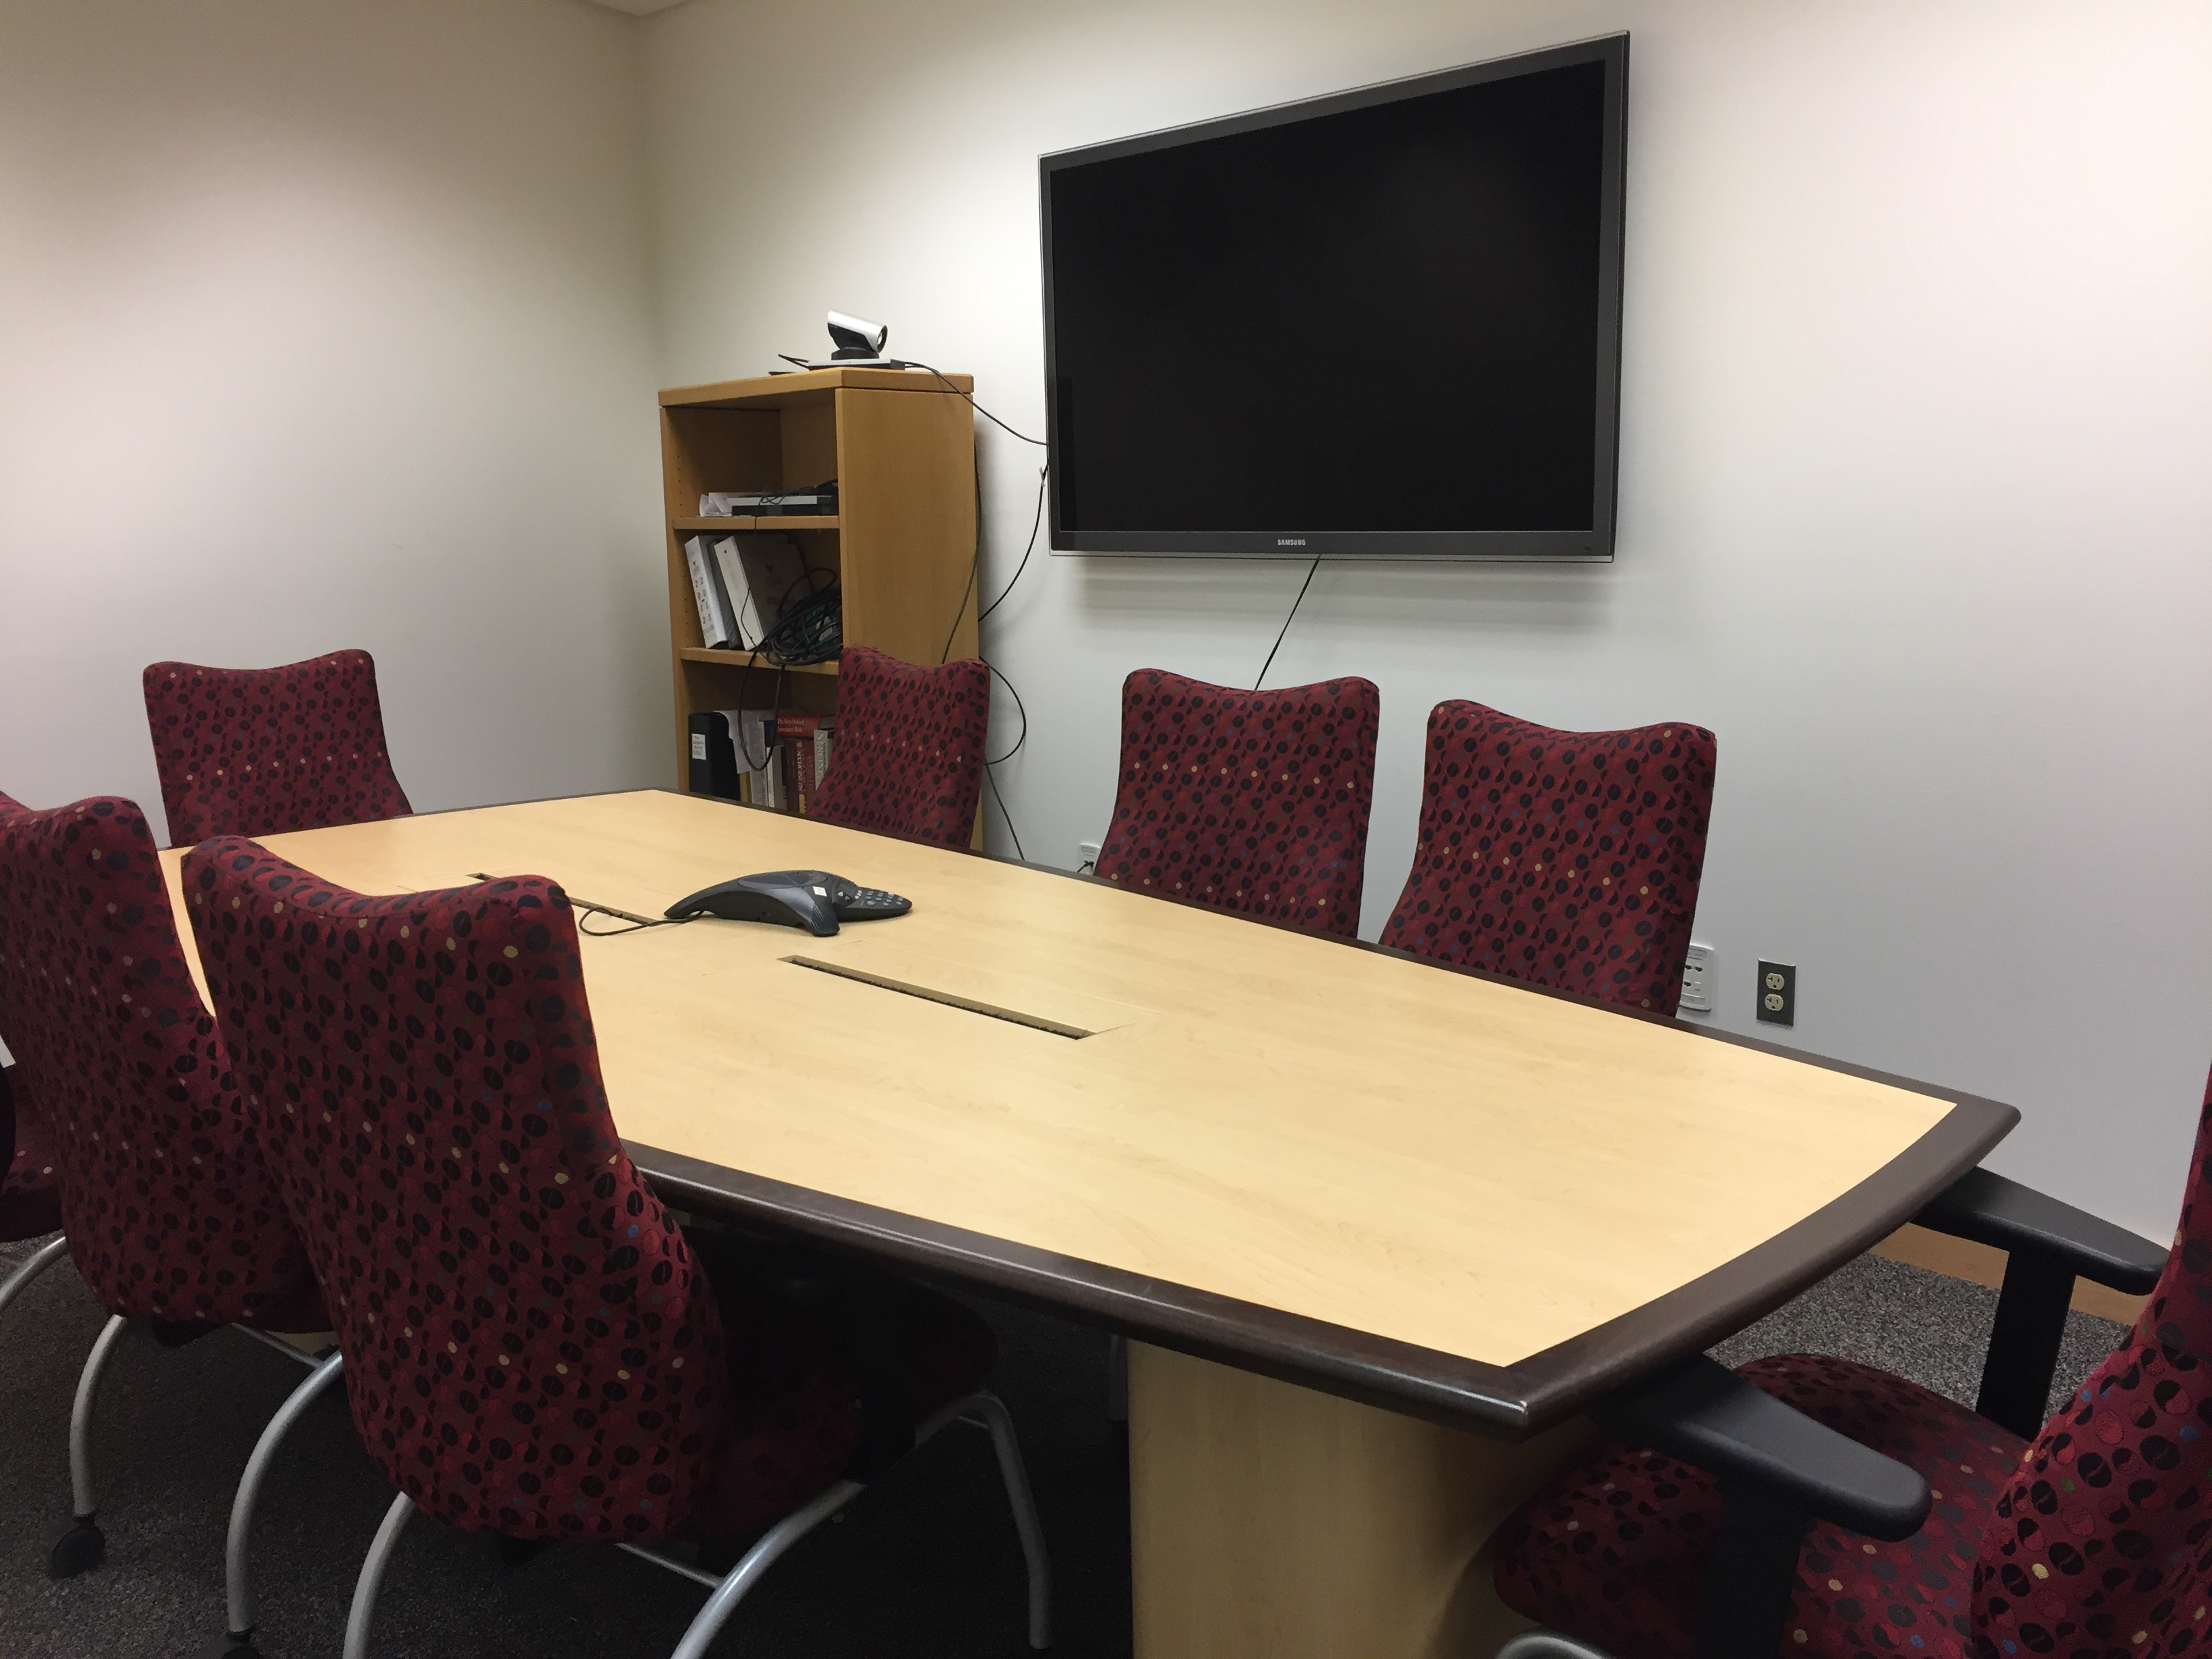 Videoconference Room